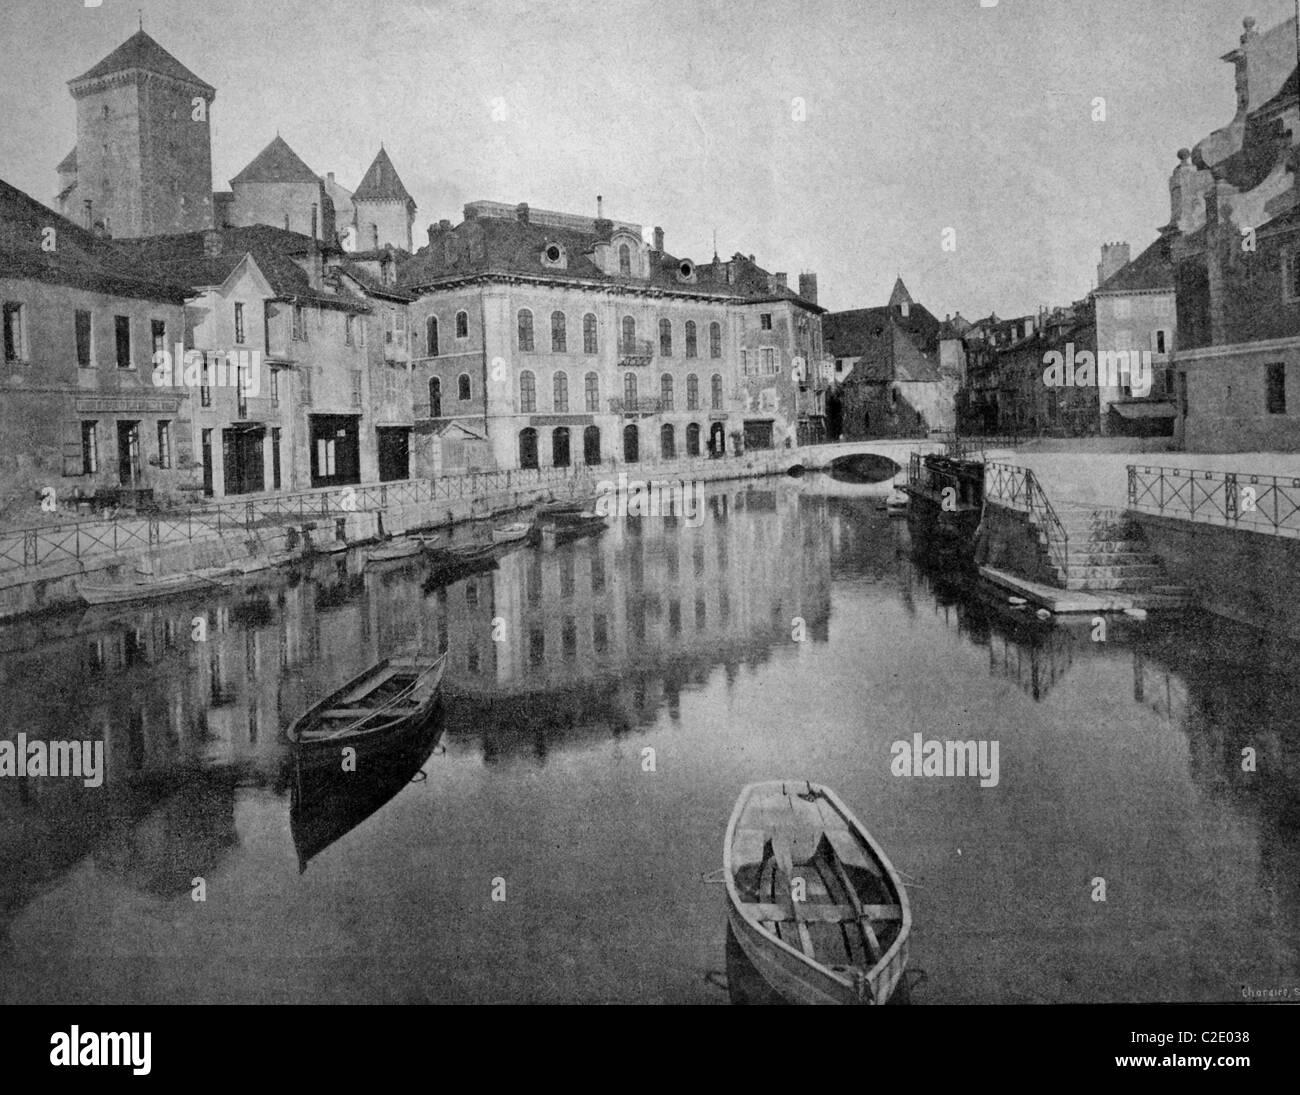 L'un des premiers autotypes d'Annecy, France, photographie historique, 1884 Photo Stock